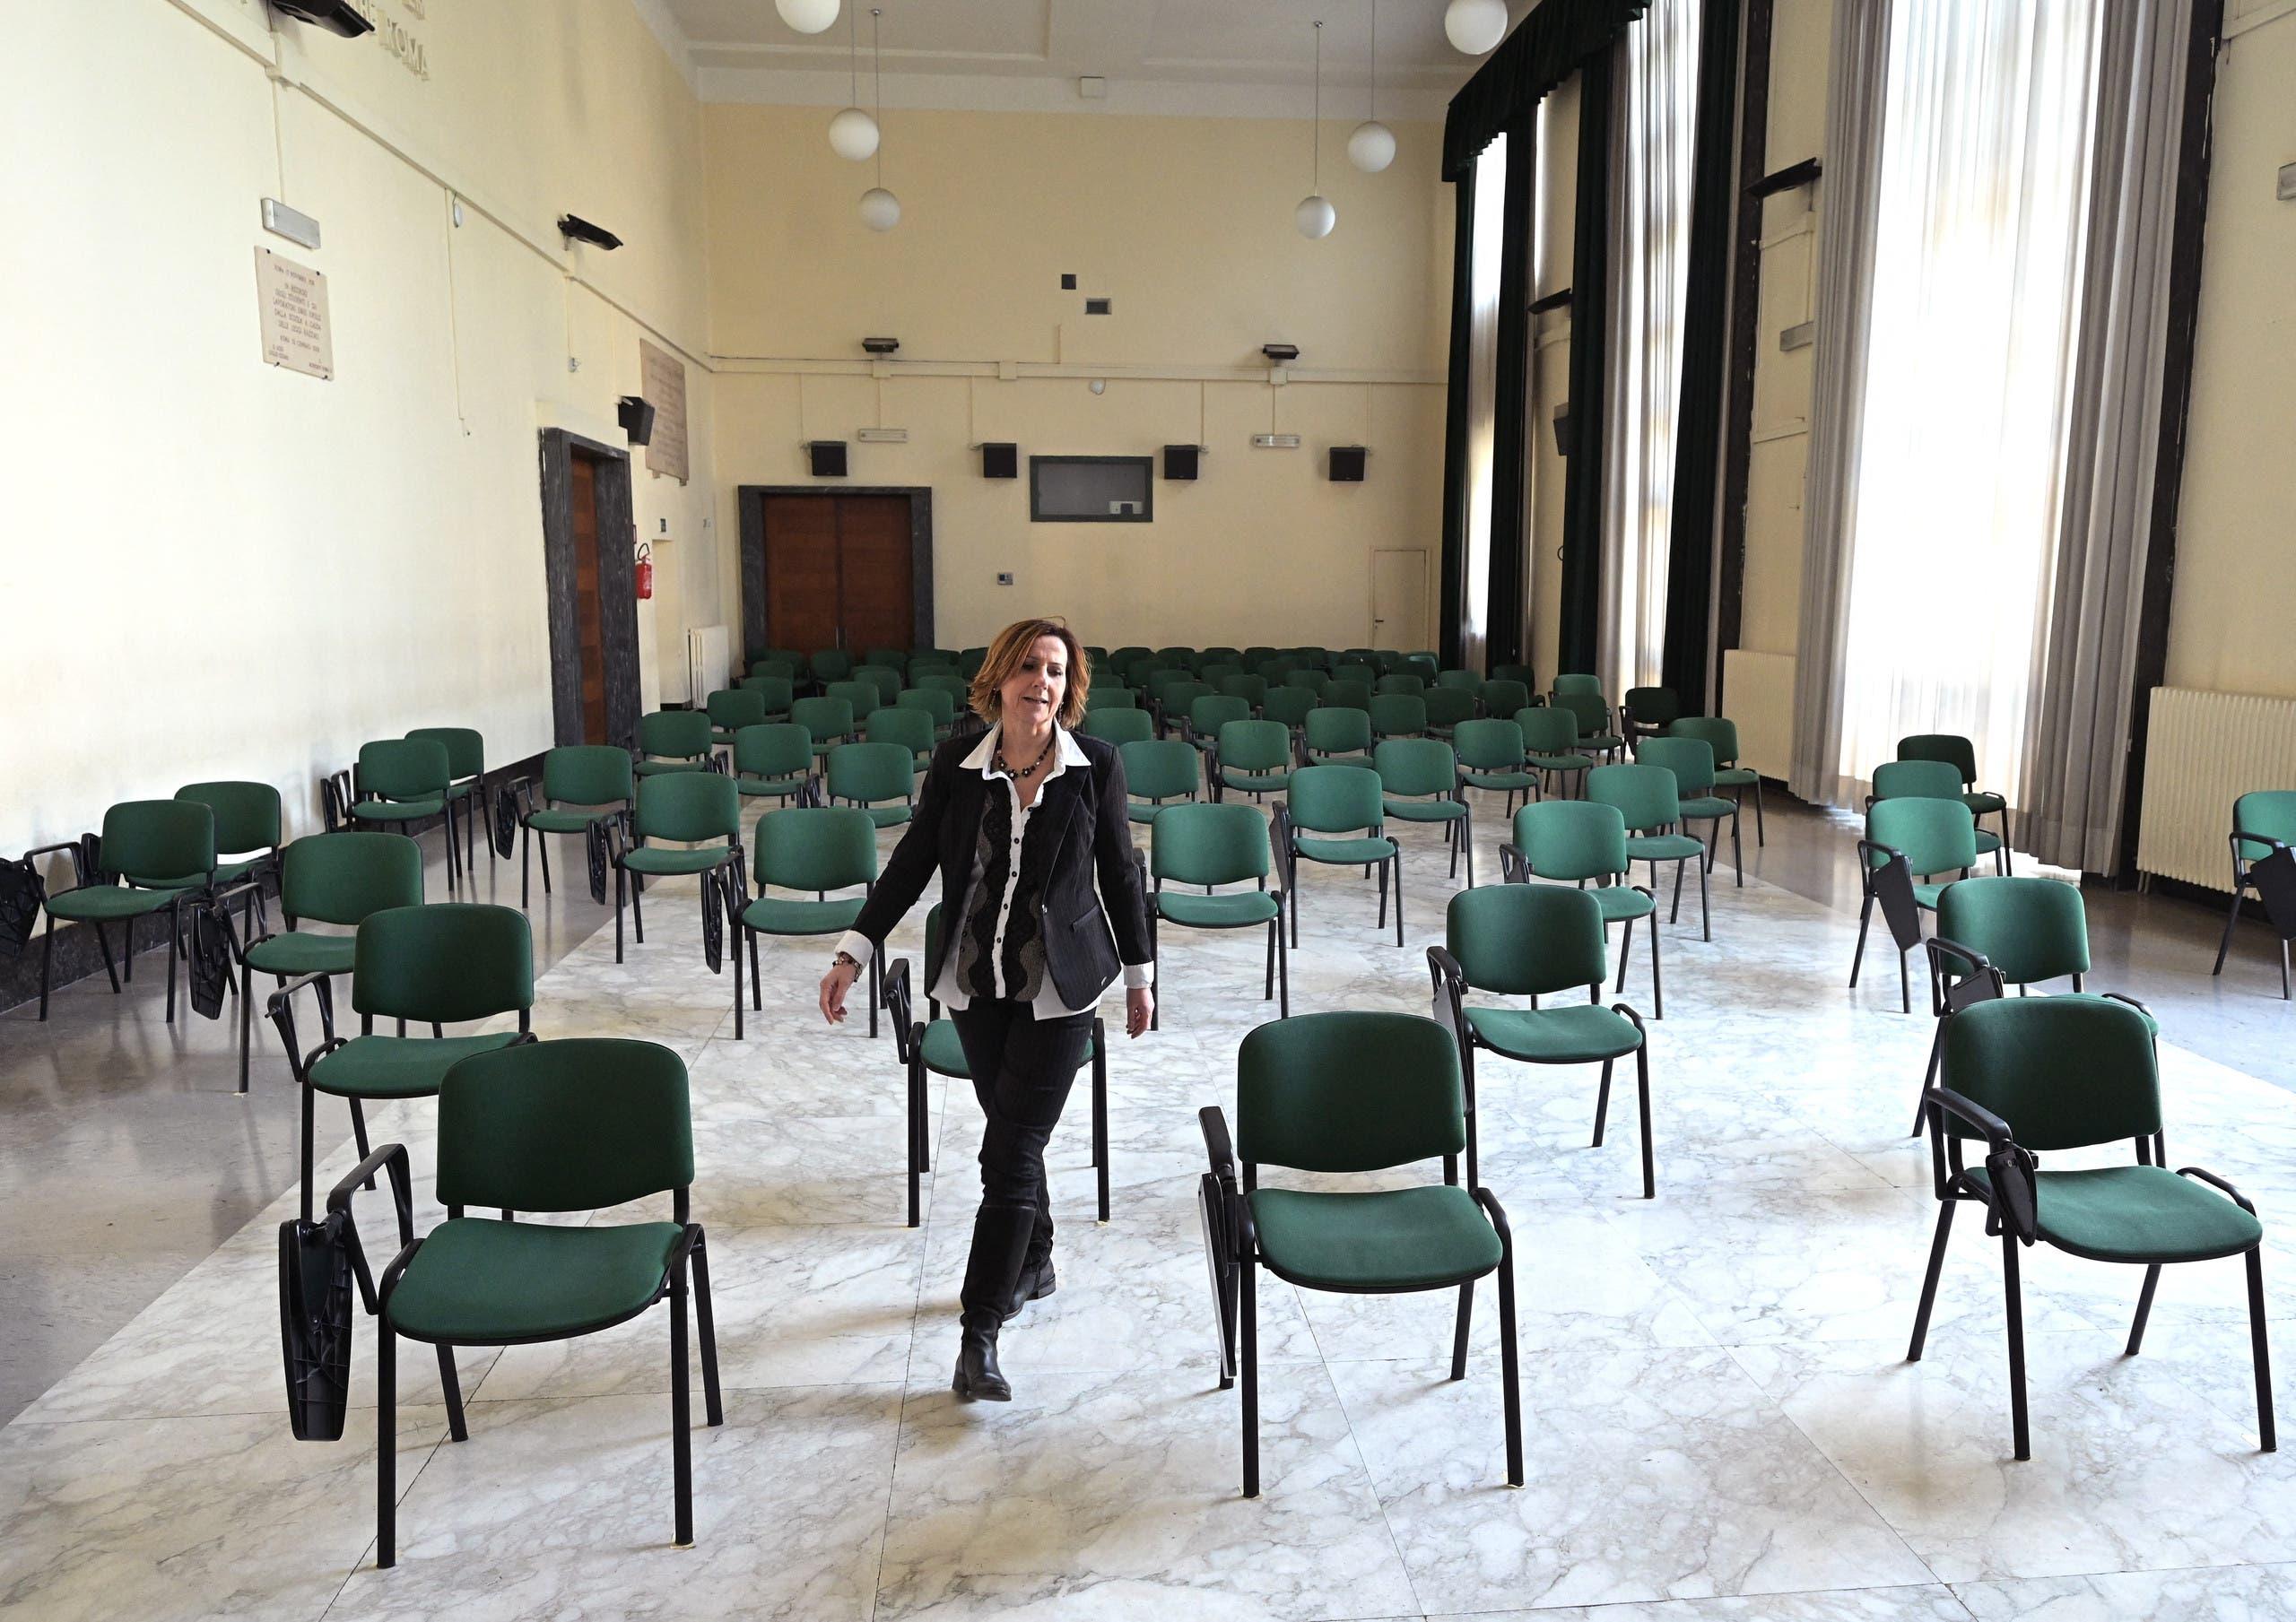 مدرسة تطبق التباعد الاجتماعي في منطقة فينيتو بإيطاليا (أرشيفية)